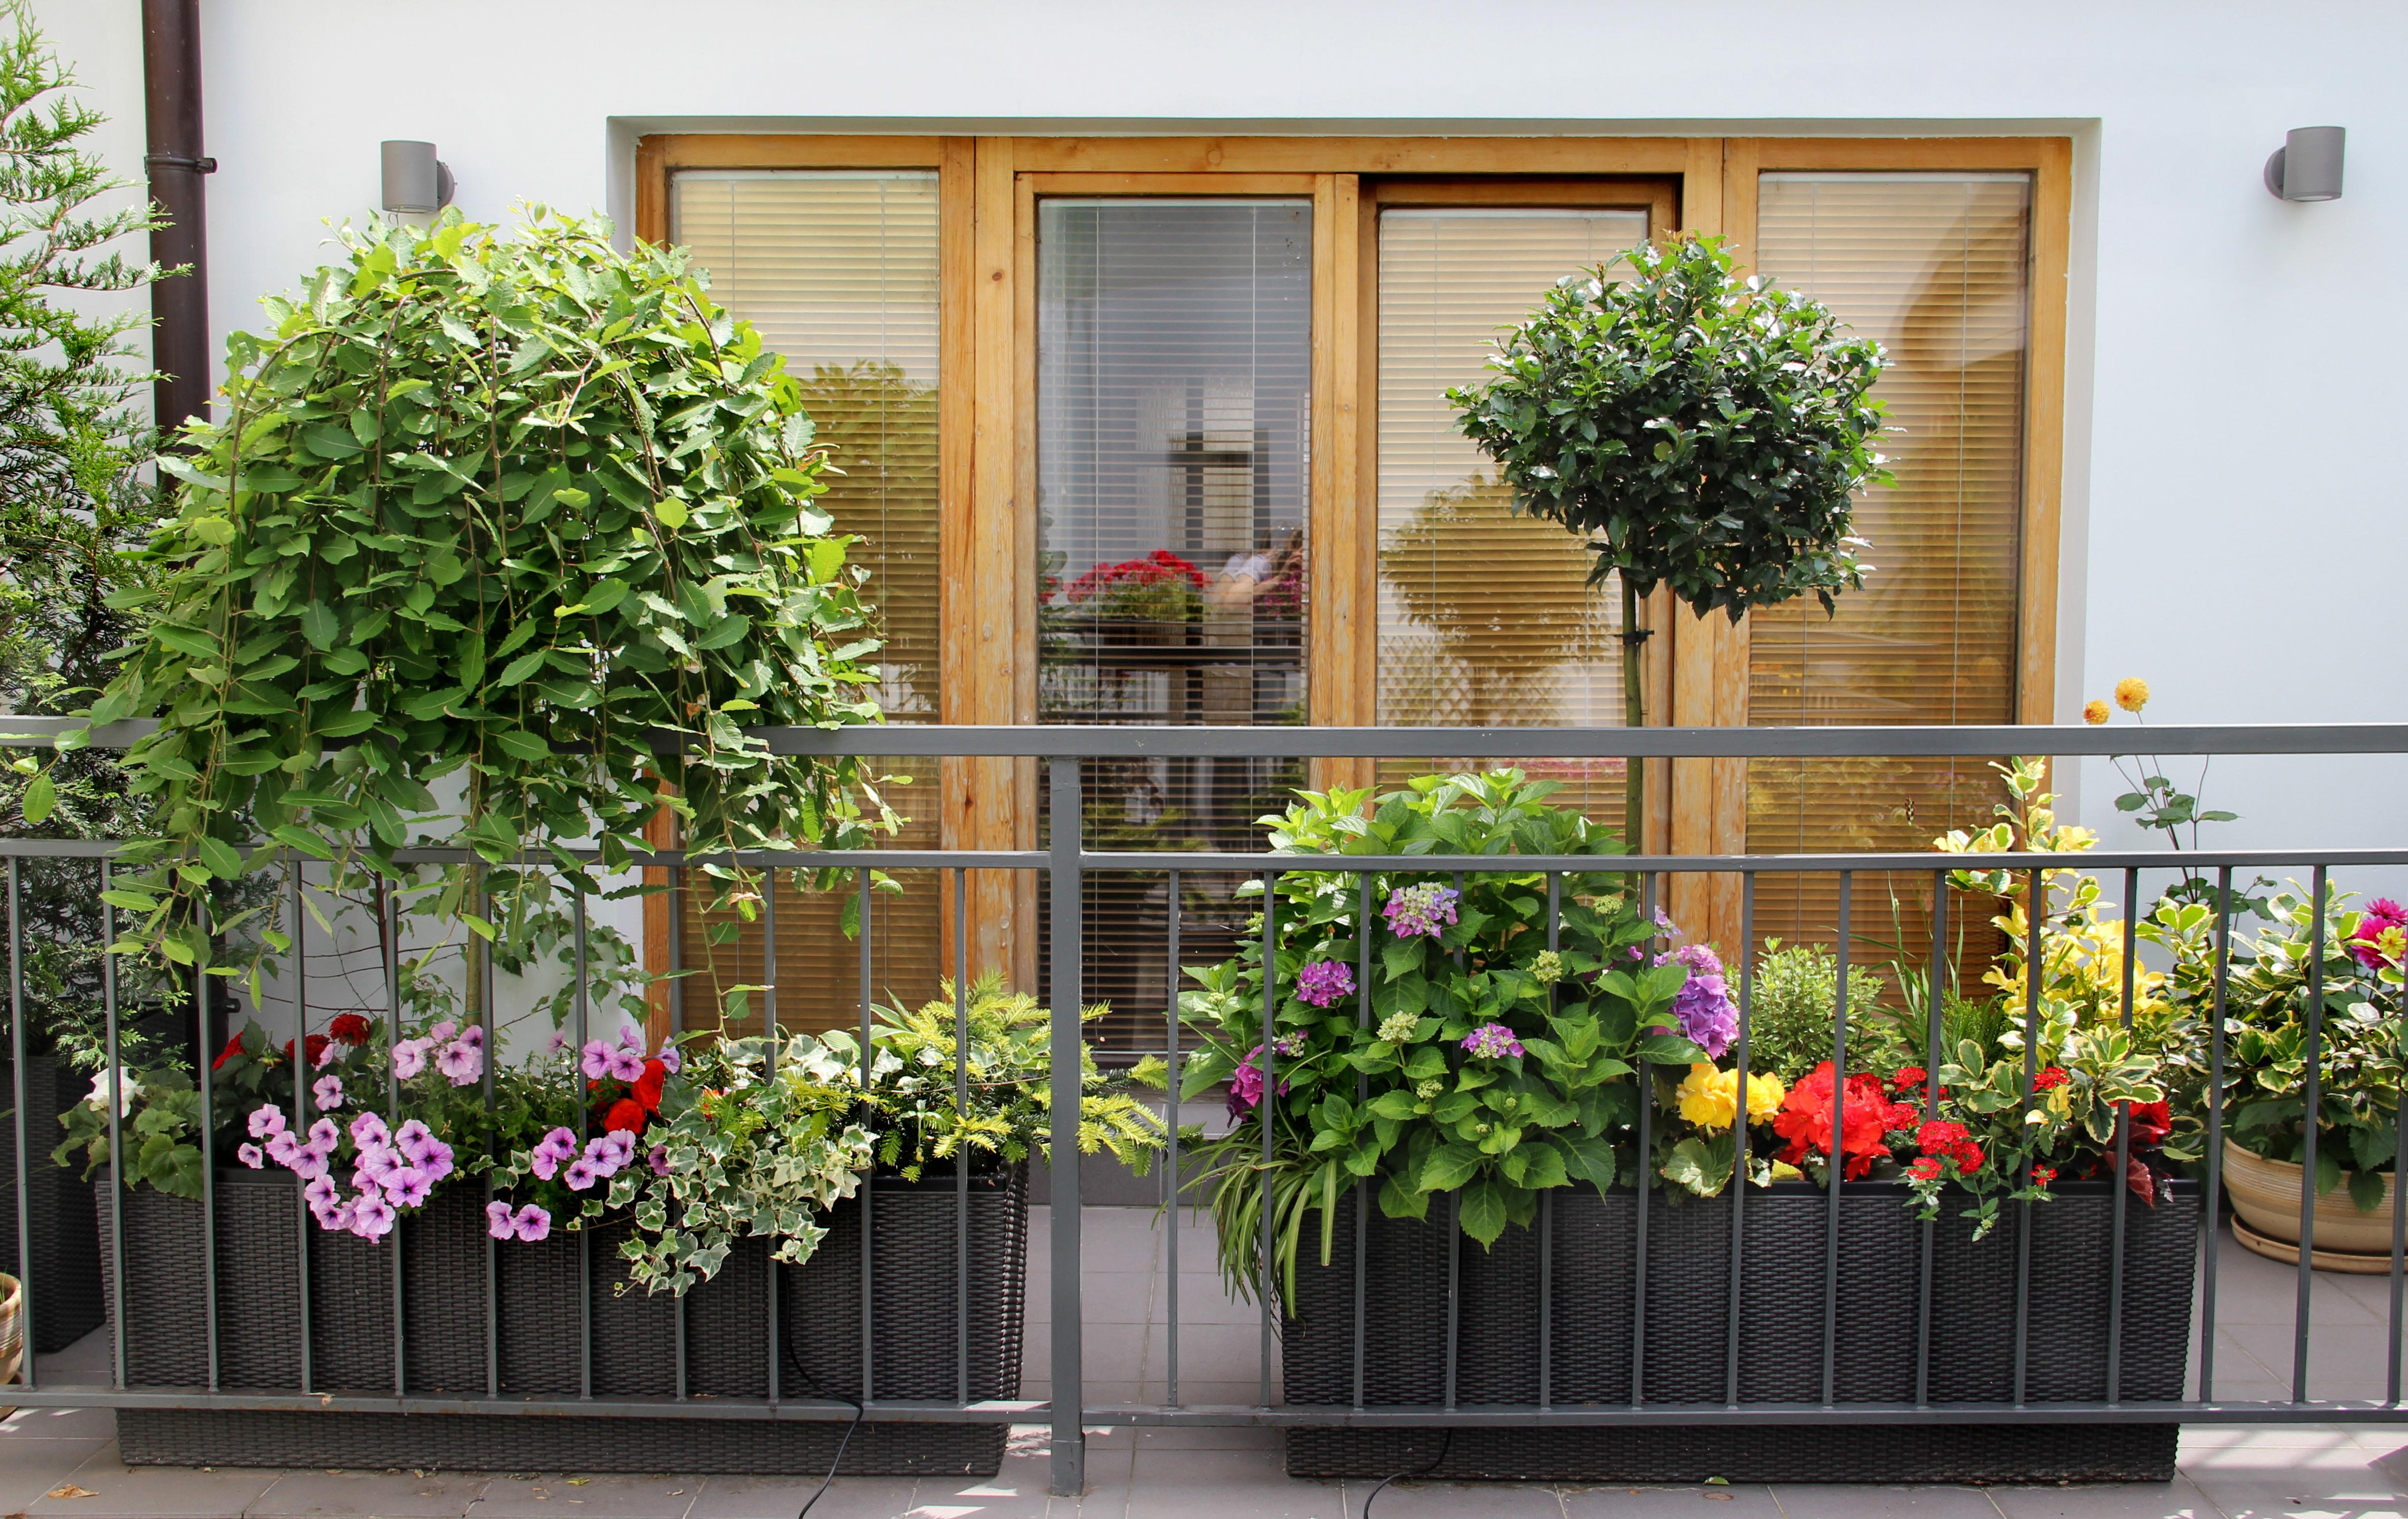 Уход за контейнерными растениями практически такой же, как и за горшечными комнатными, но есть и свои нюансы